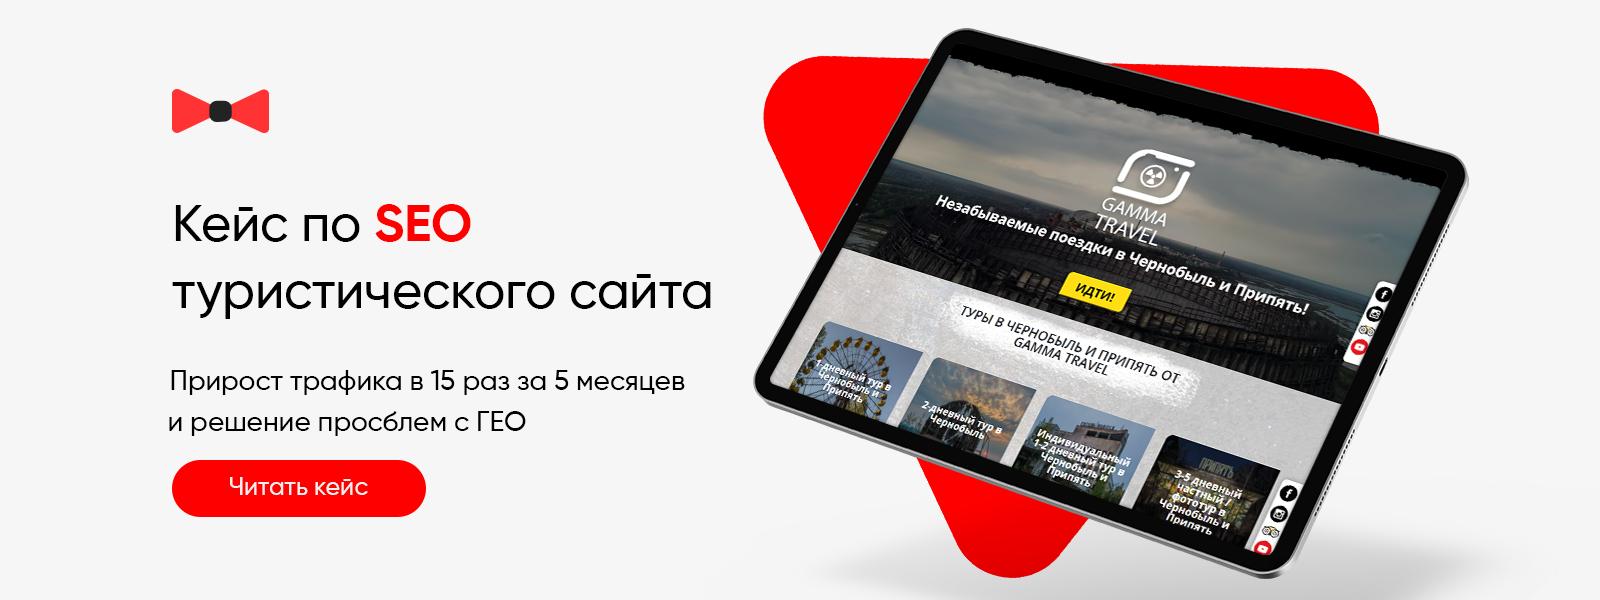 Кейс по продвижению туристического сайта на зарубежные рынки